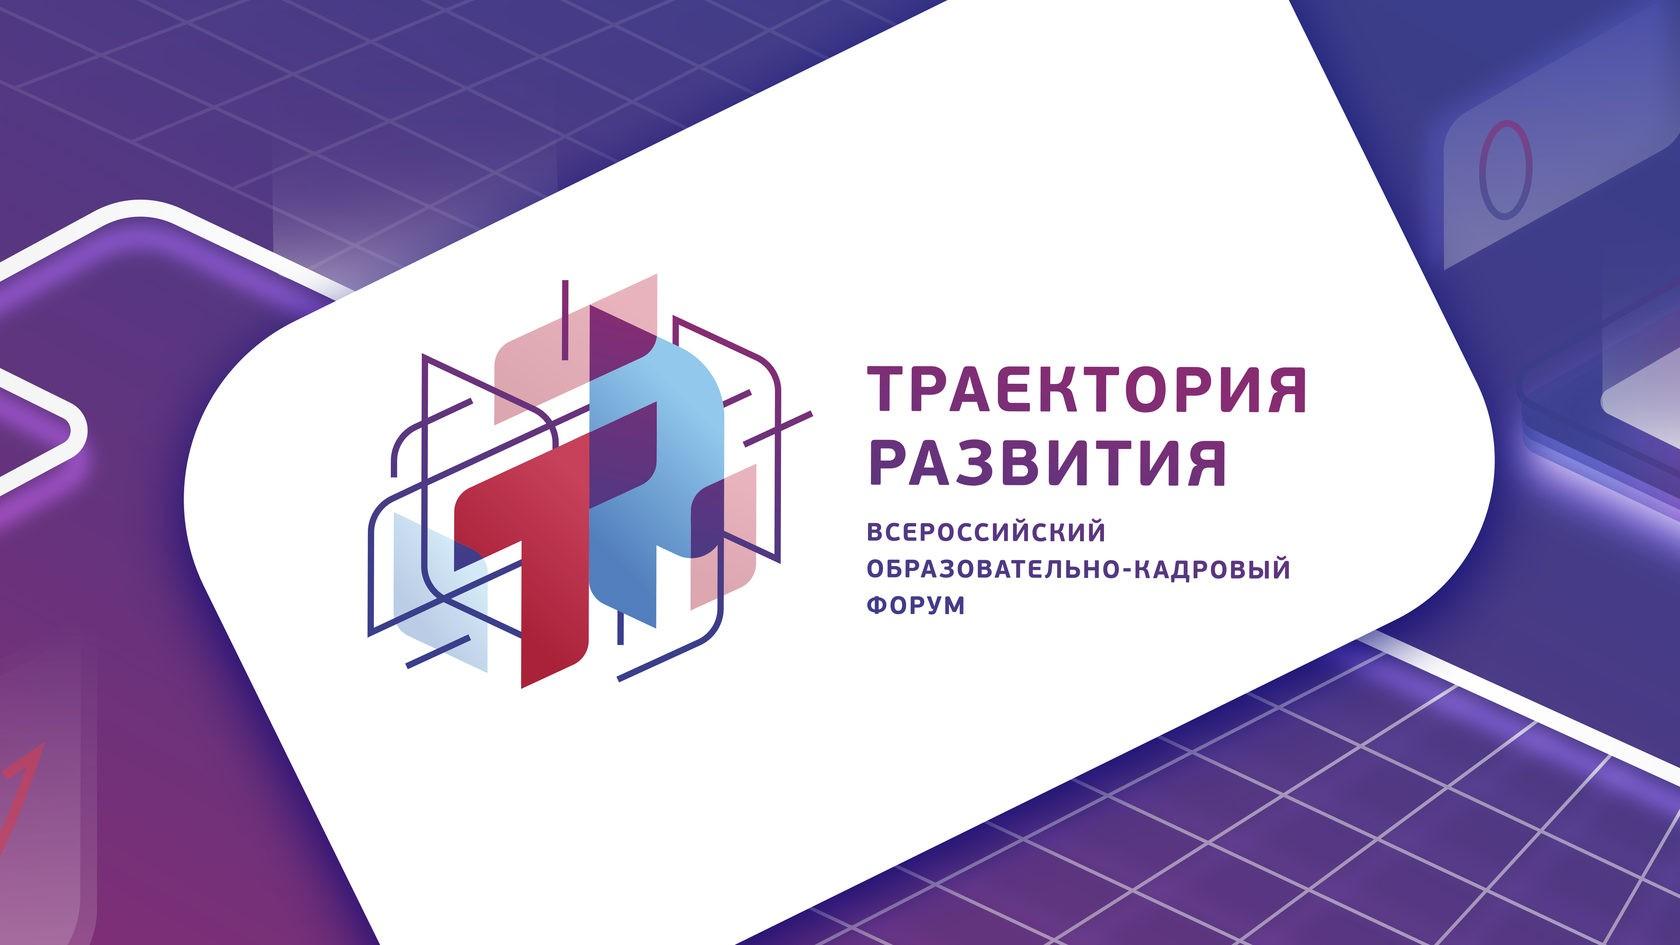 С 12 по 15 октября 2021 г. в дистанционном формате пройдет VII Всероссийский образовательно-кадровый форум «Траектория развития»